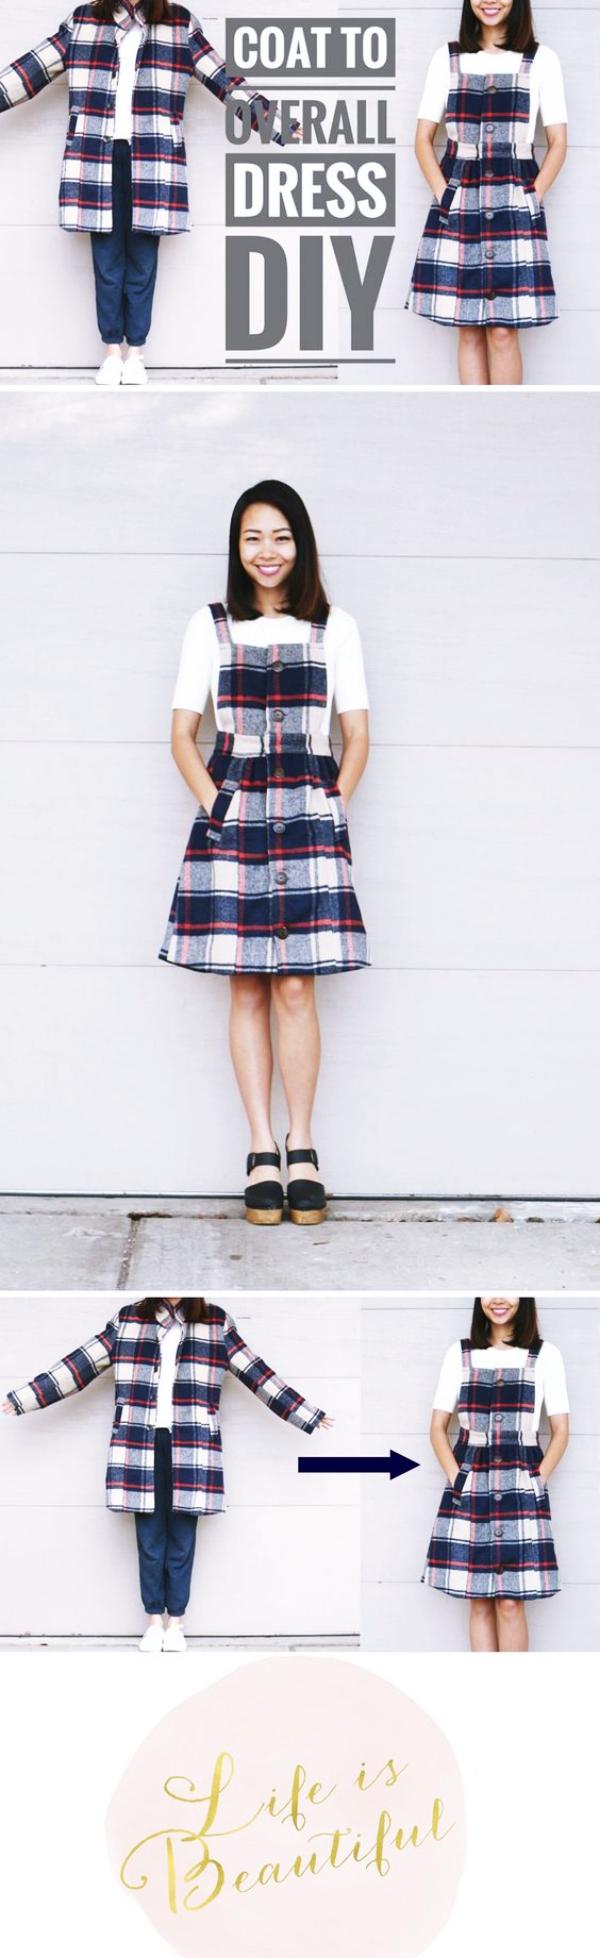 Practical-DIY-Clothes-Tutorials